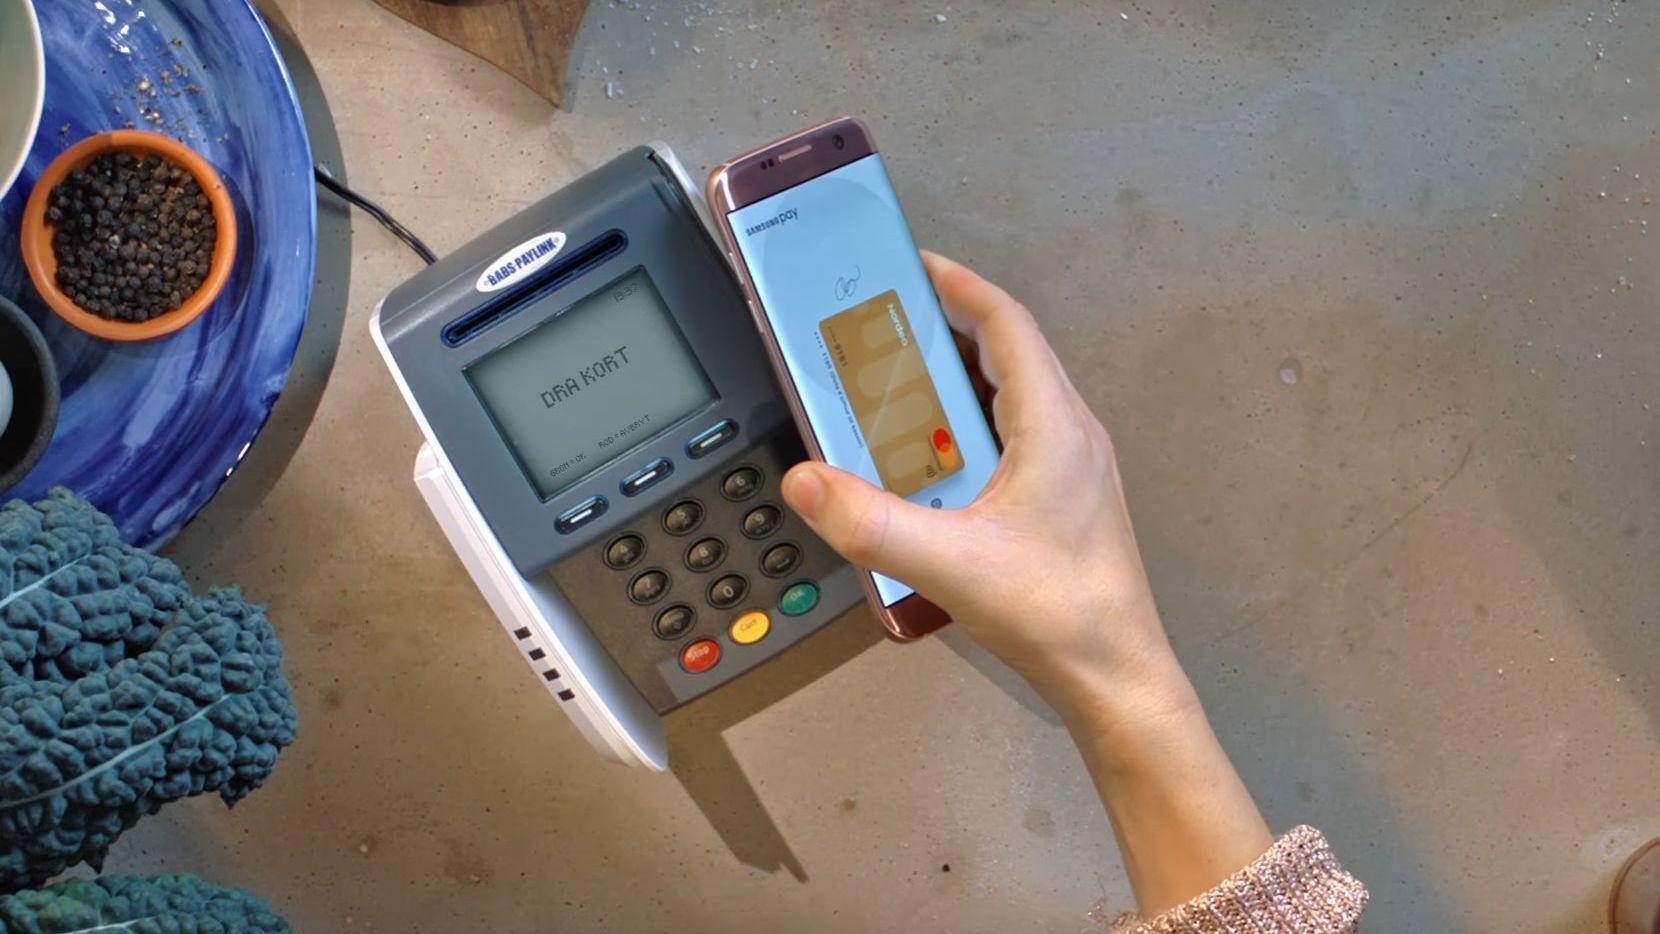 Mobilbetalingsløsninger, som her avbildede Samsung Pay, kommer nå i flere kreative varianter.